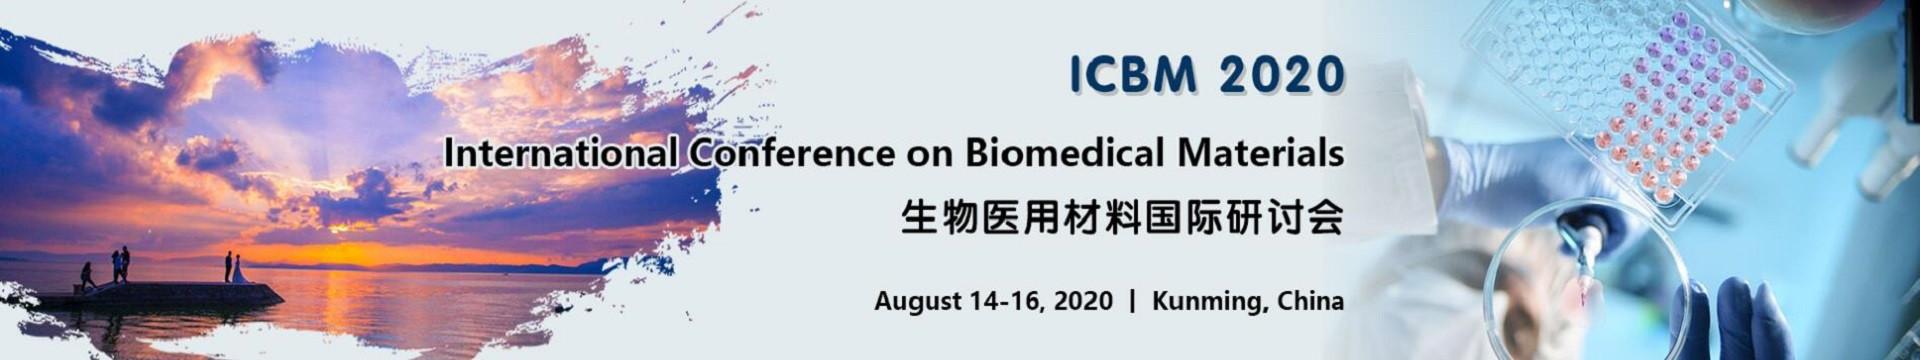 2020生物醫用材料國際研討會(2020 ICBM)